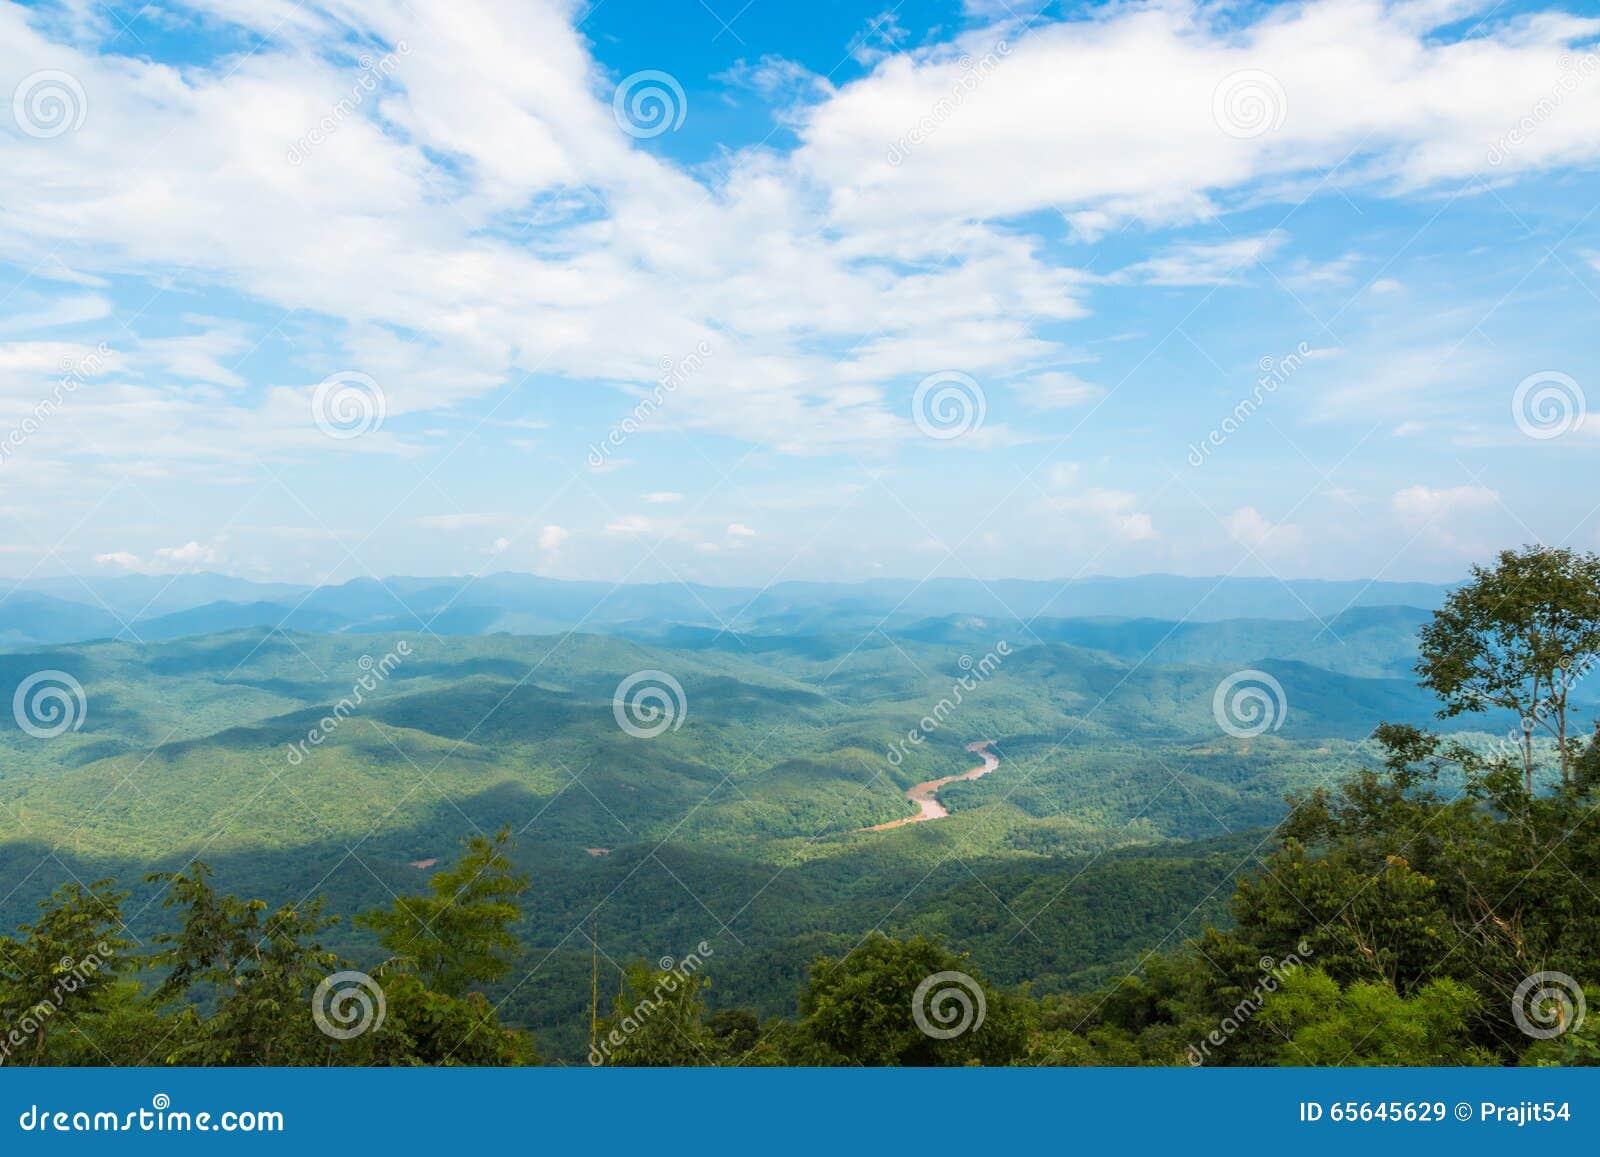 точка зрения на зеленой траве